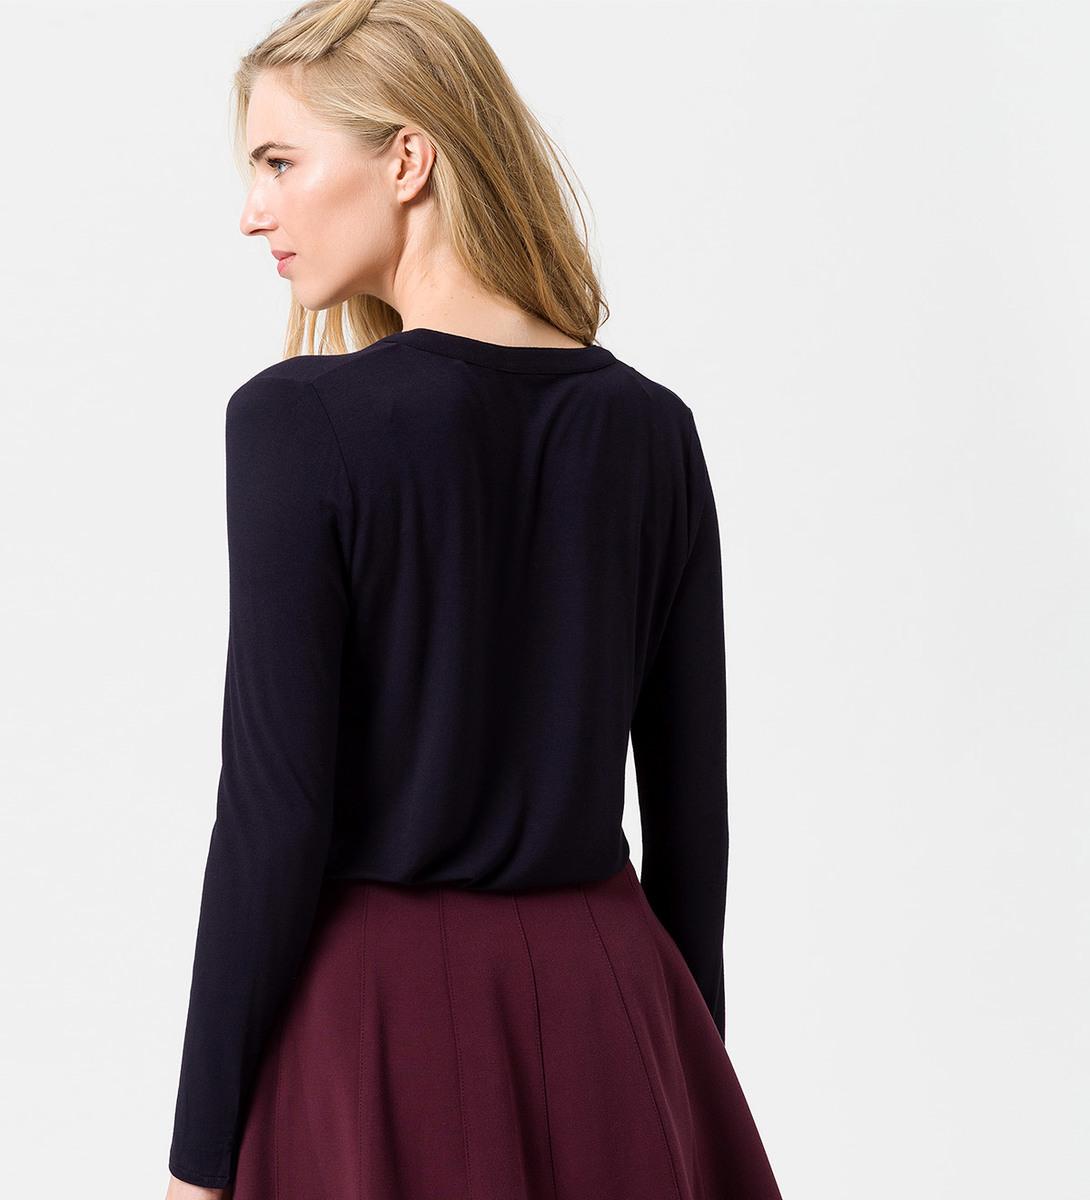 T-Shirt mit langen Ärmeln in blue black